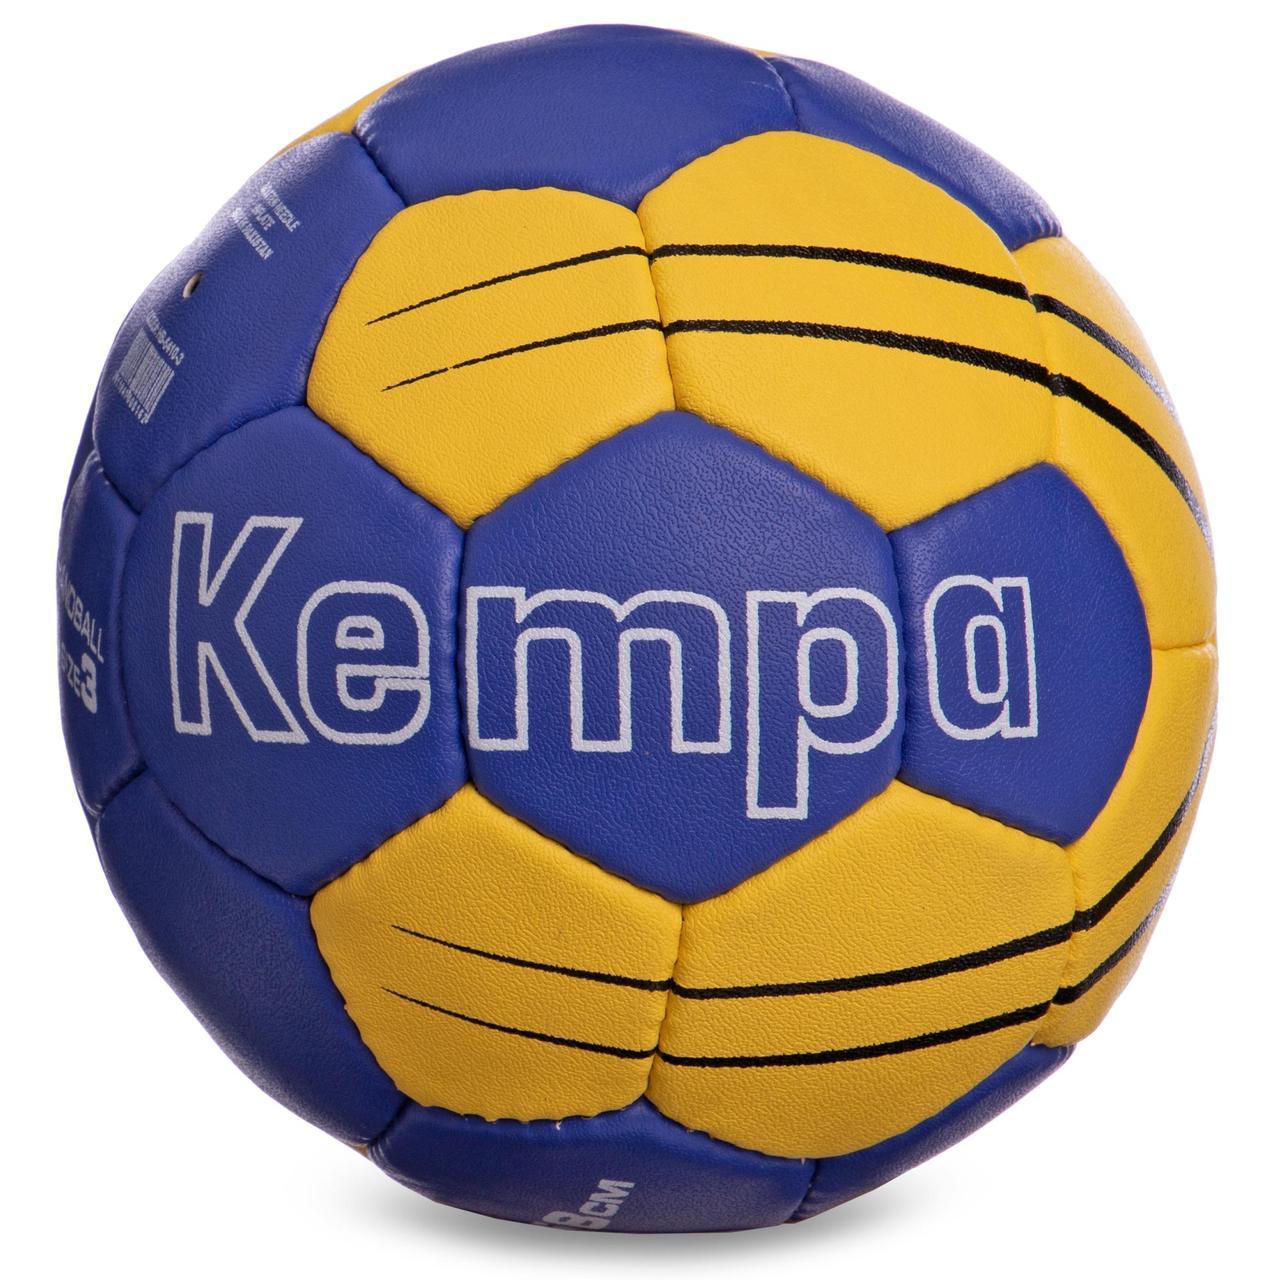 М'яч для гандболу KEMPA HB-5410-3 (PU, р-н 3, зшитий вручну, блакитний-жовтий)